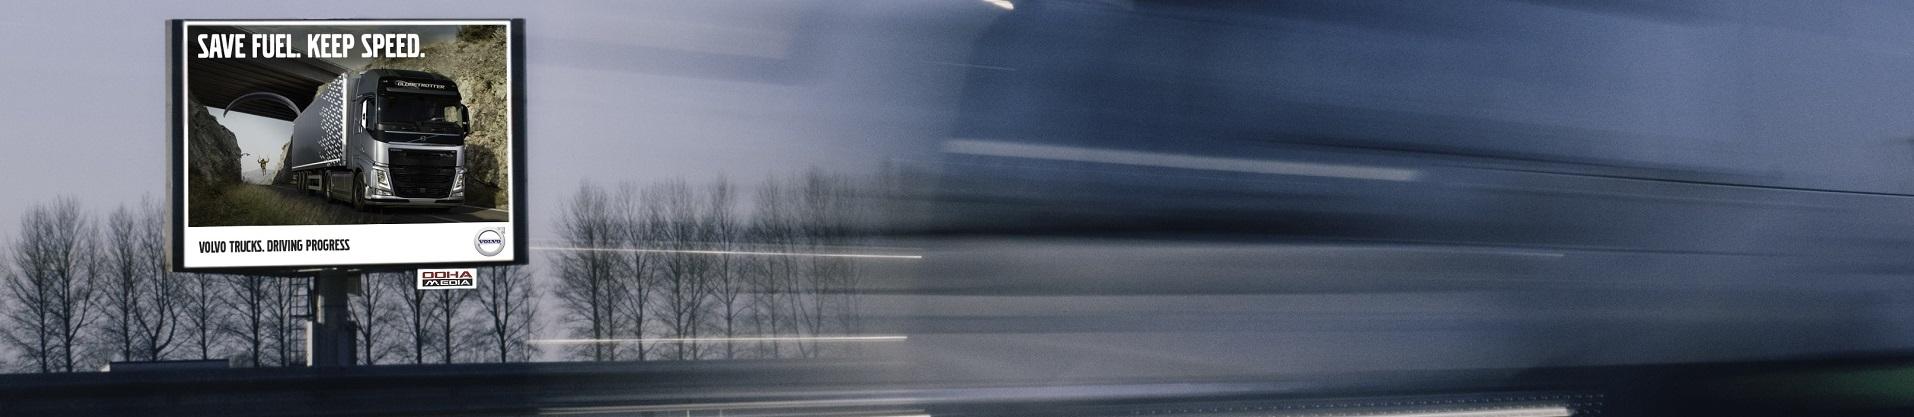 Kosten snelwegreclame